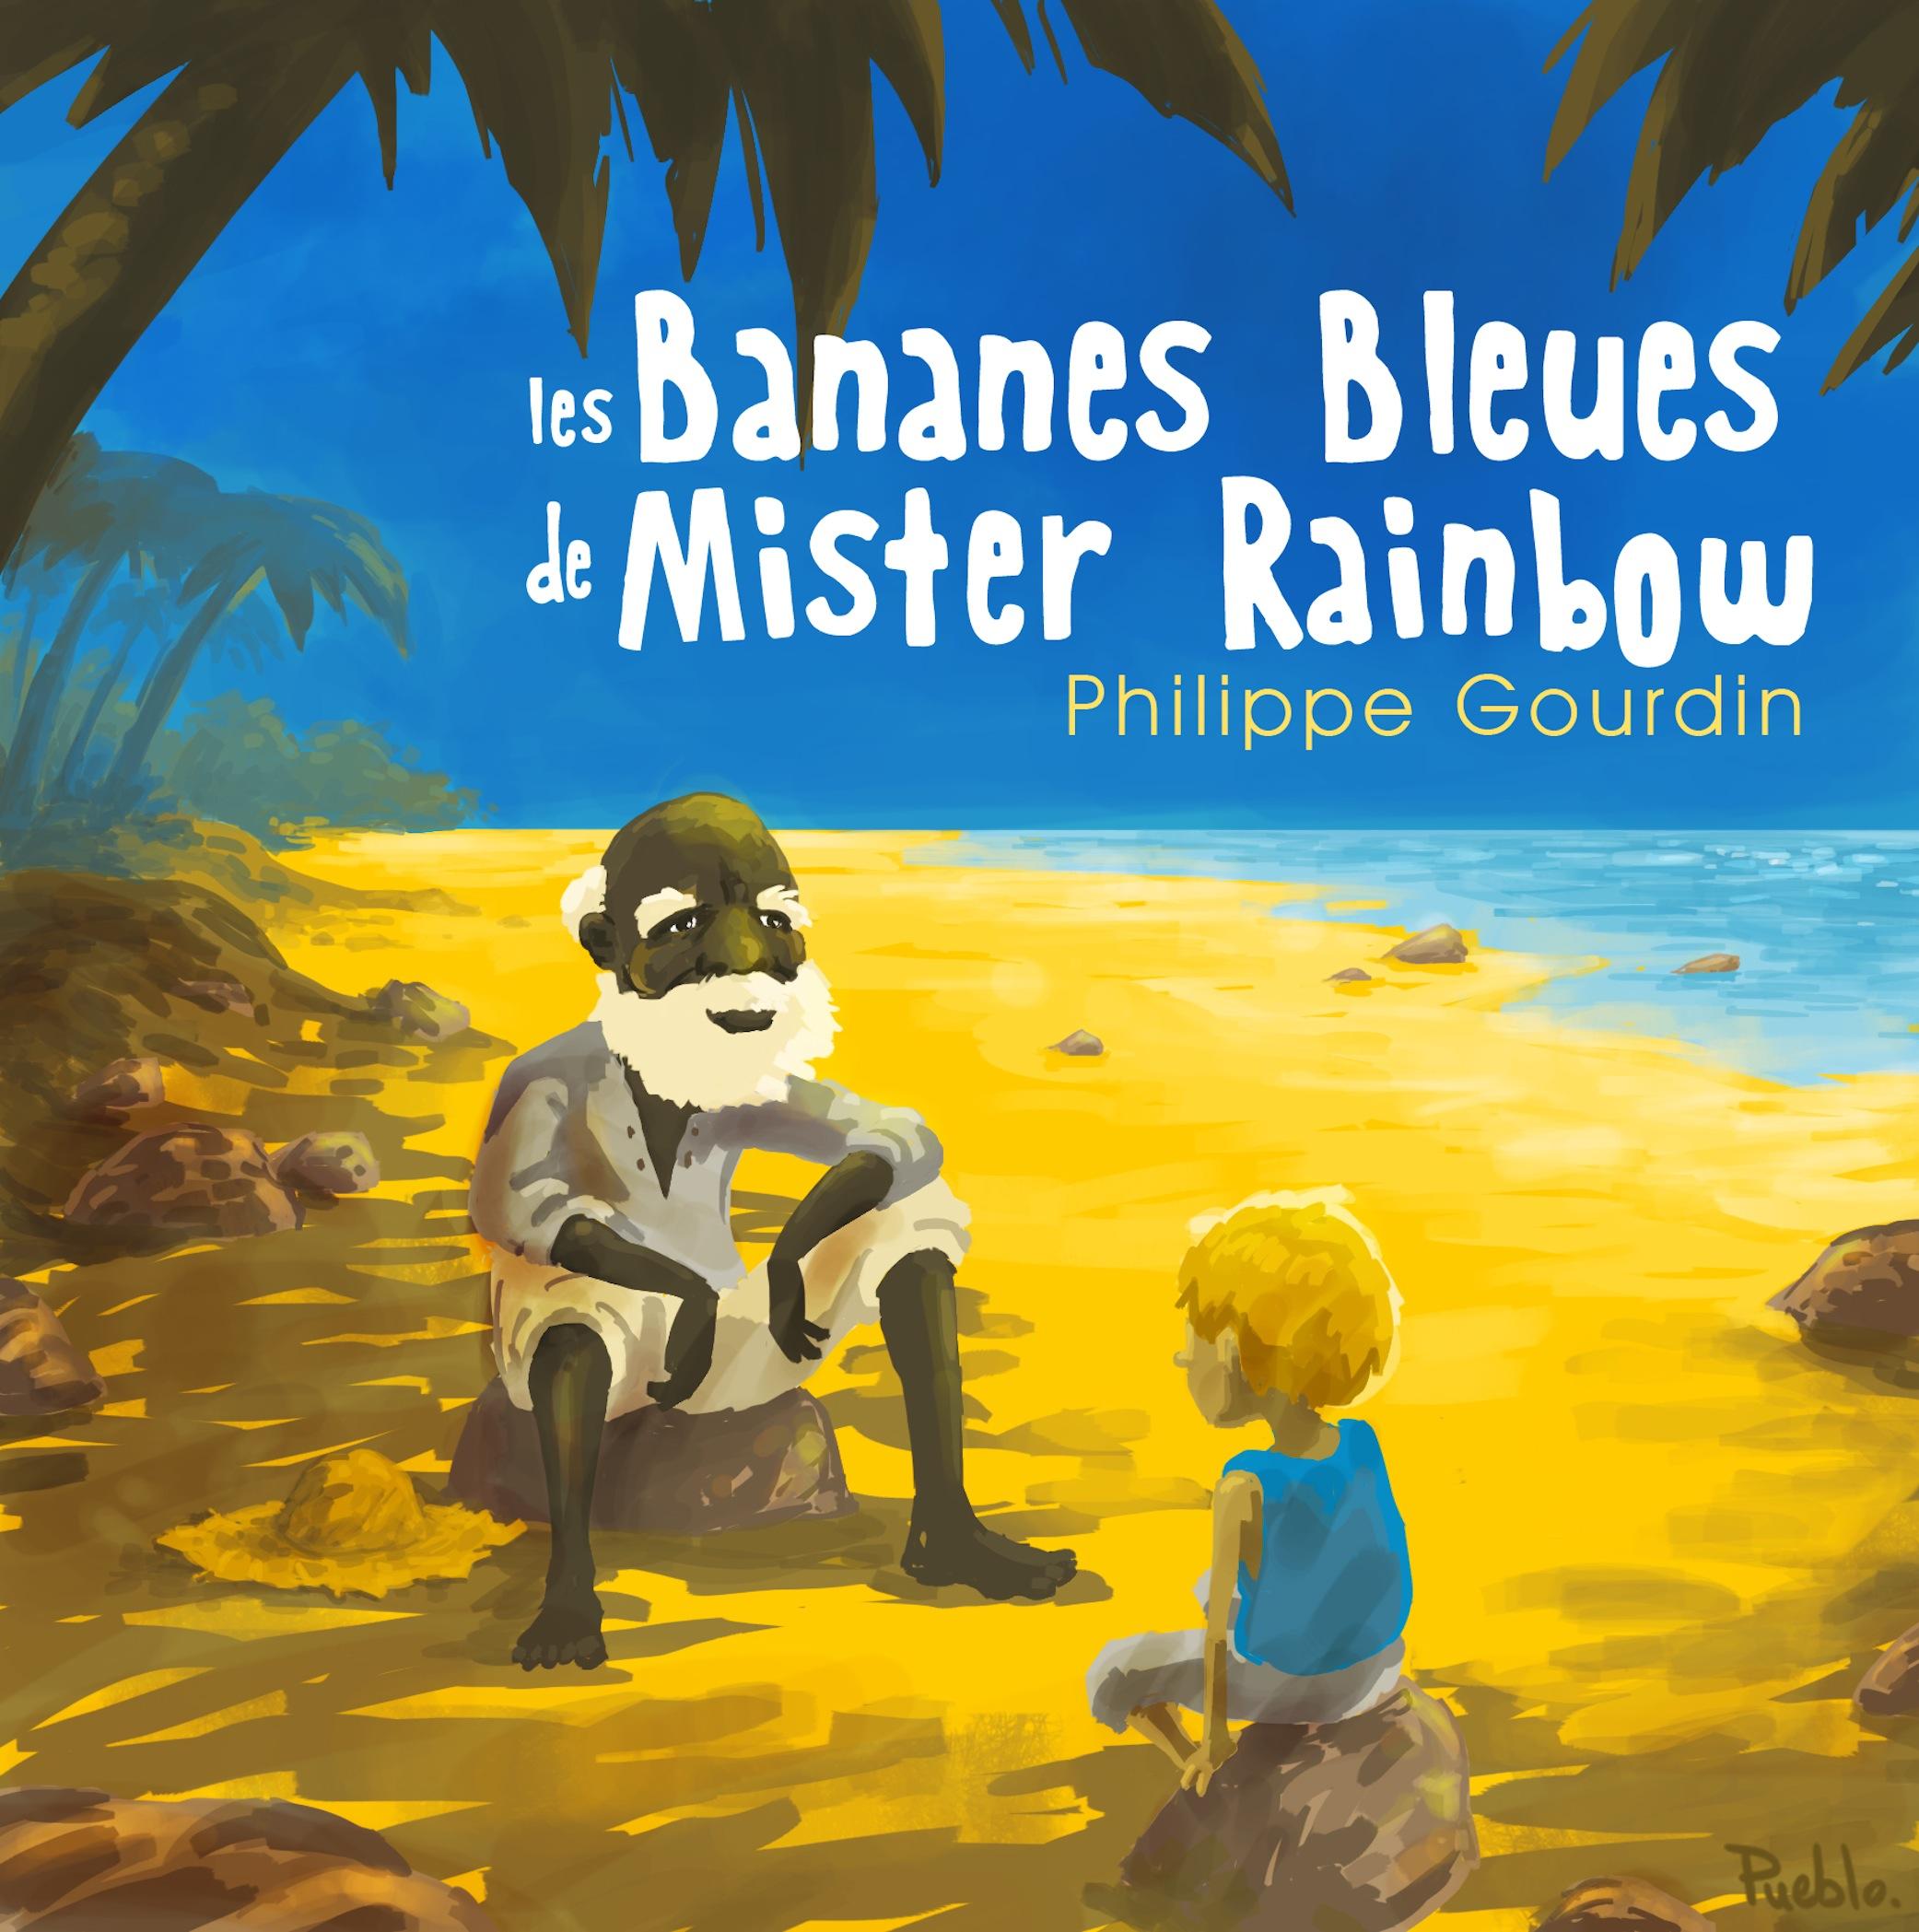 Image de Les bananes bleues de Mister Rainbow